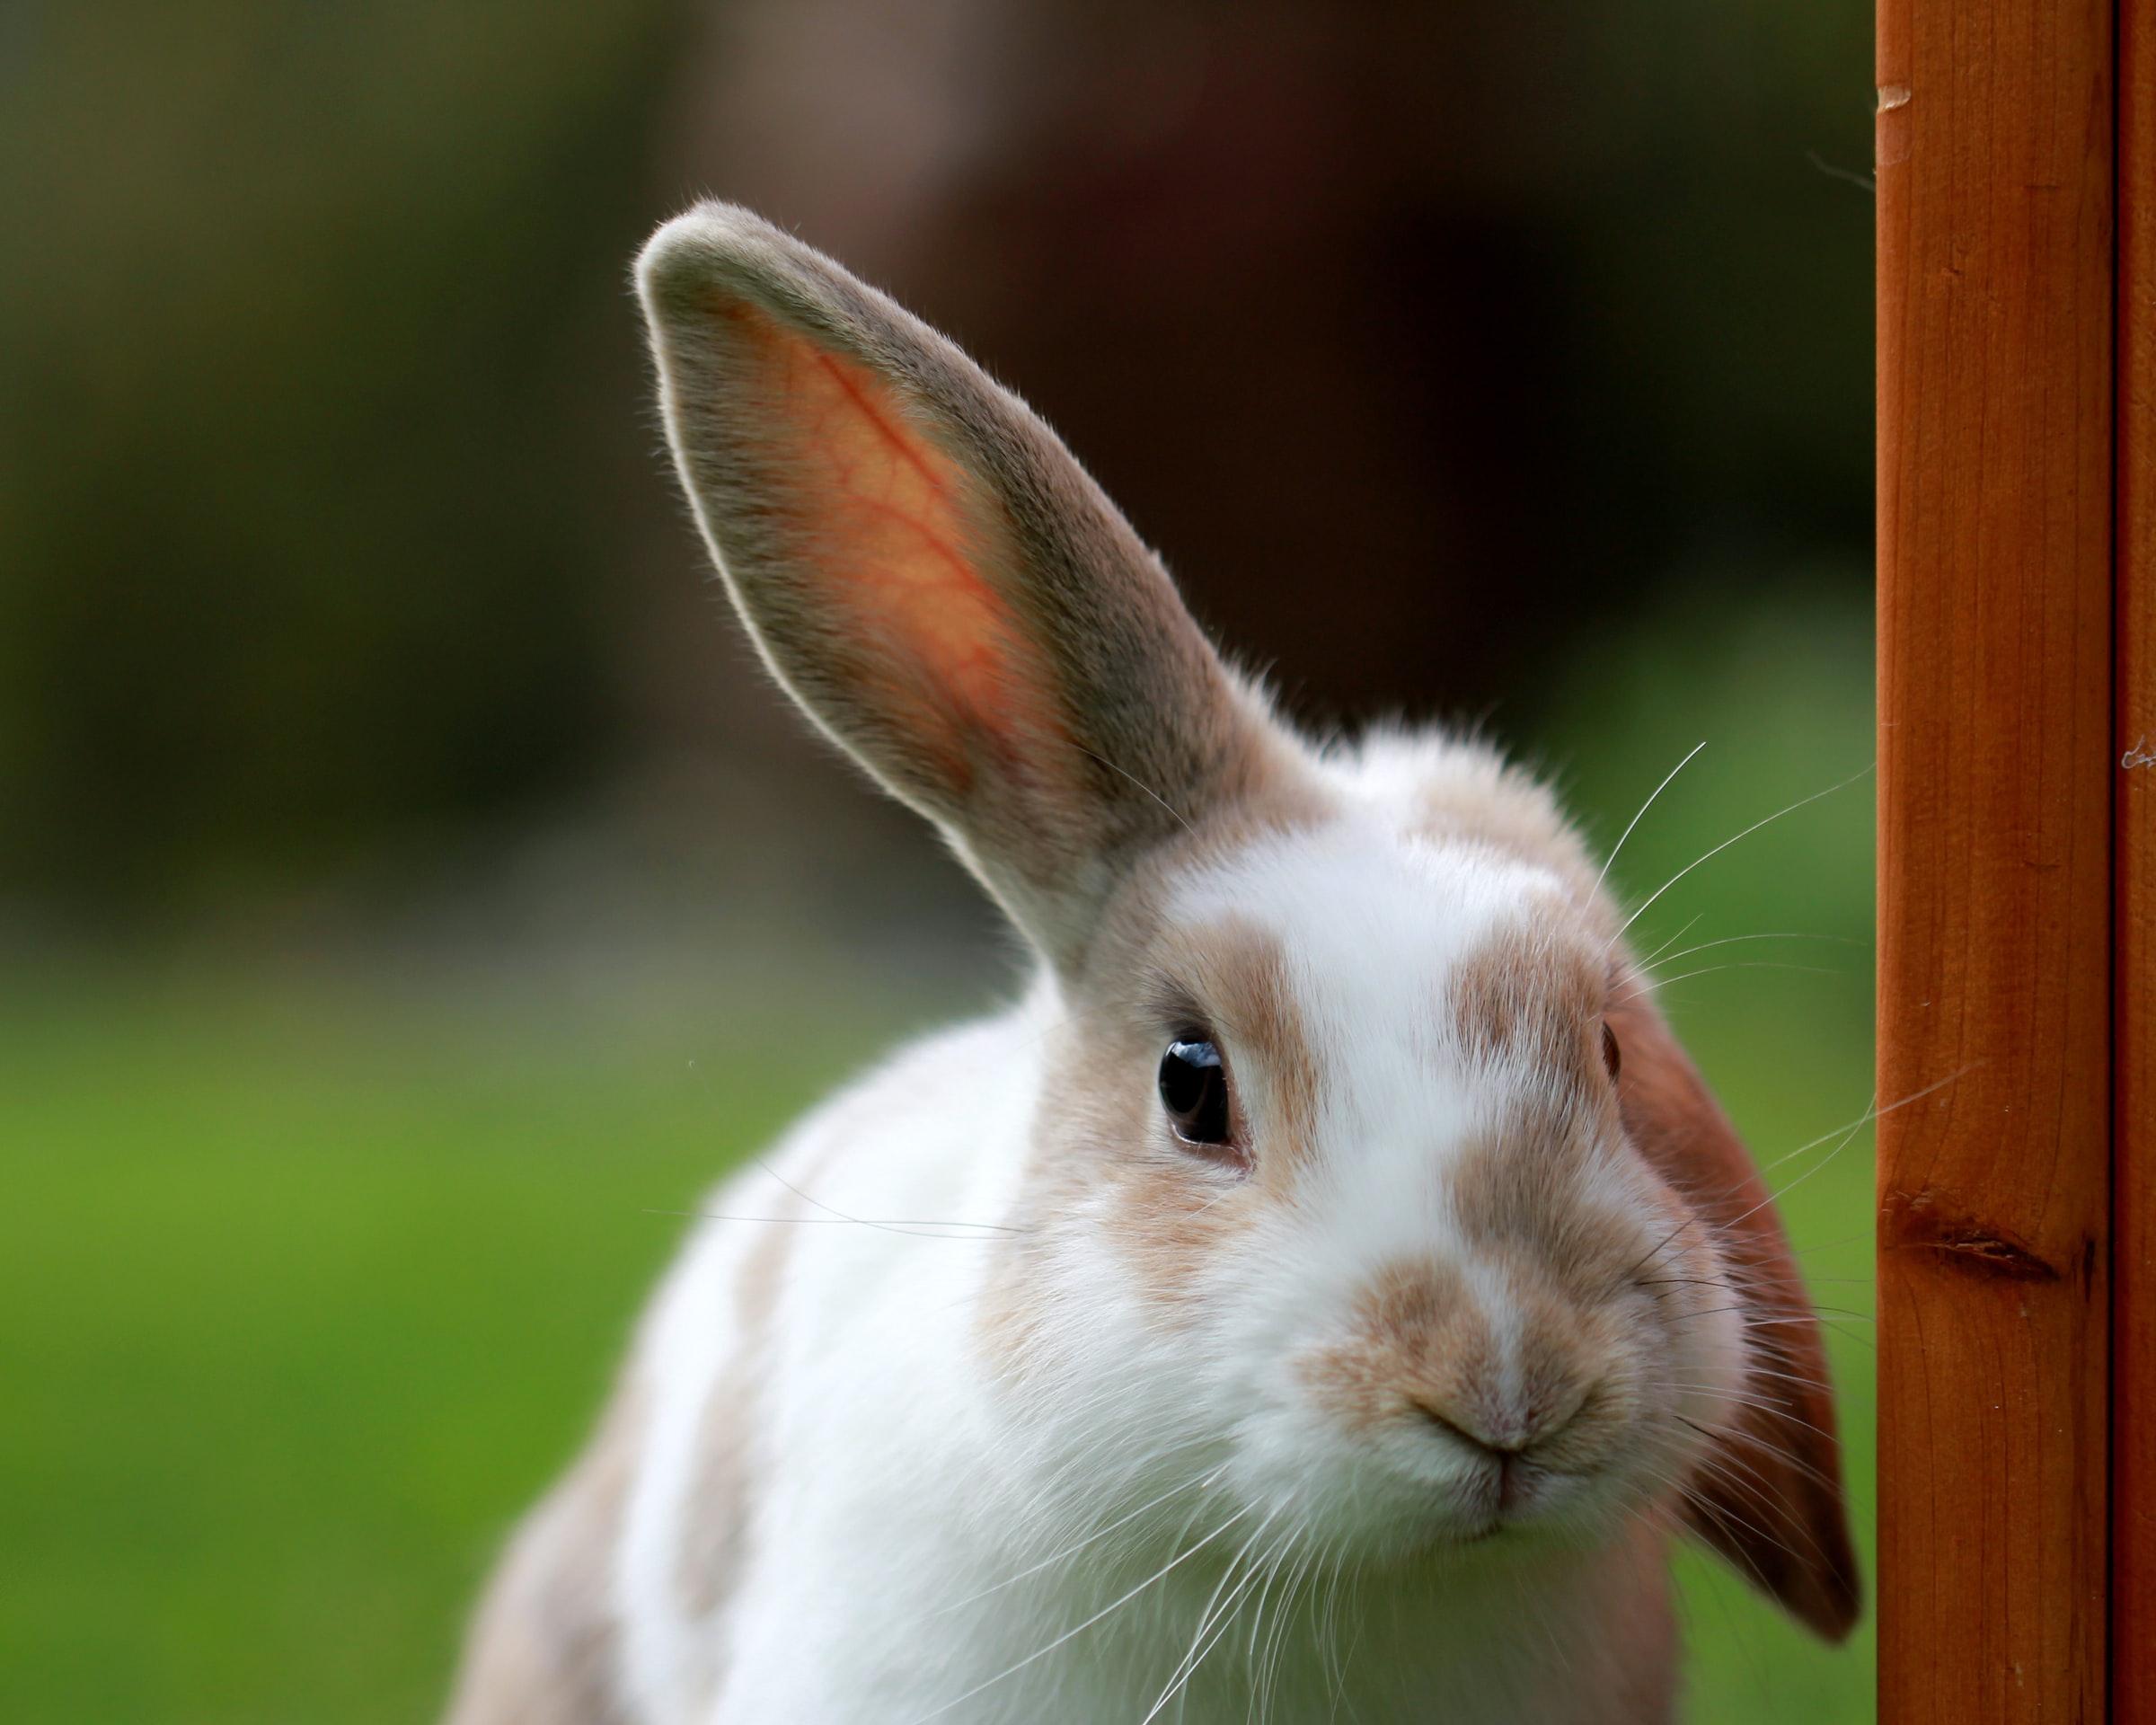 floppy-eared-easter-bunny